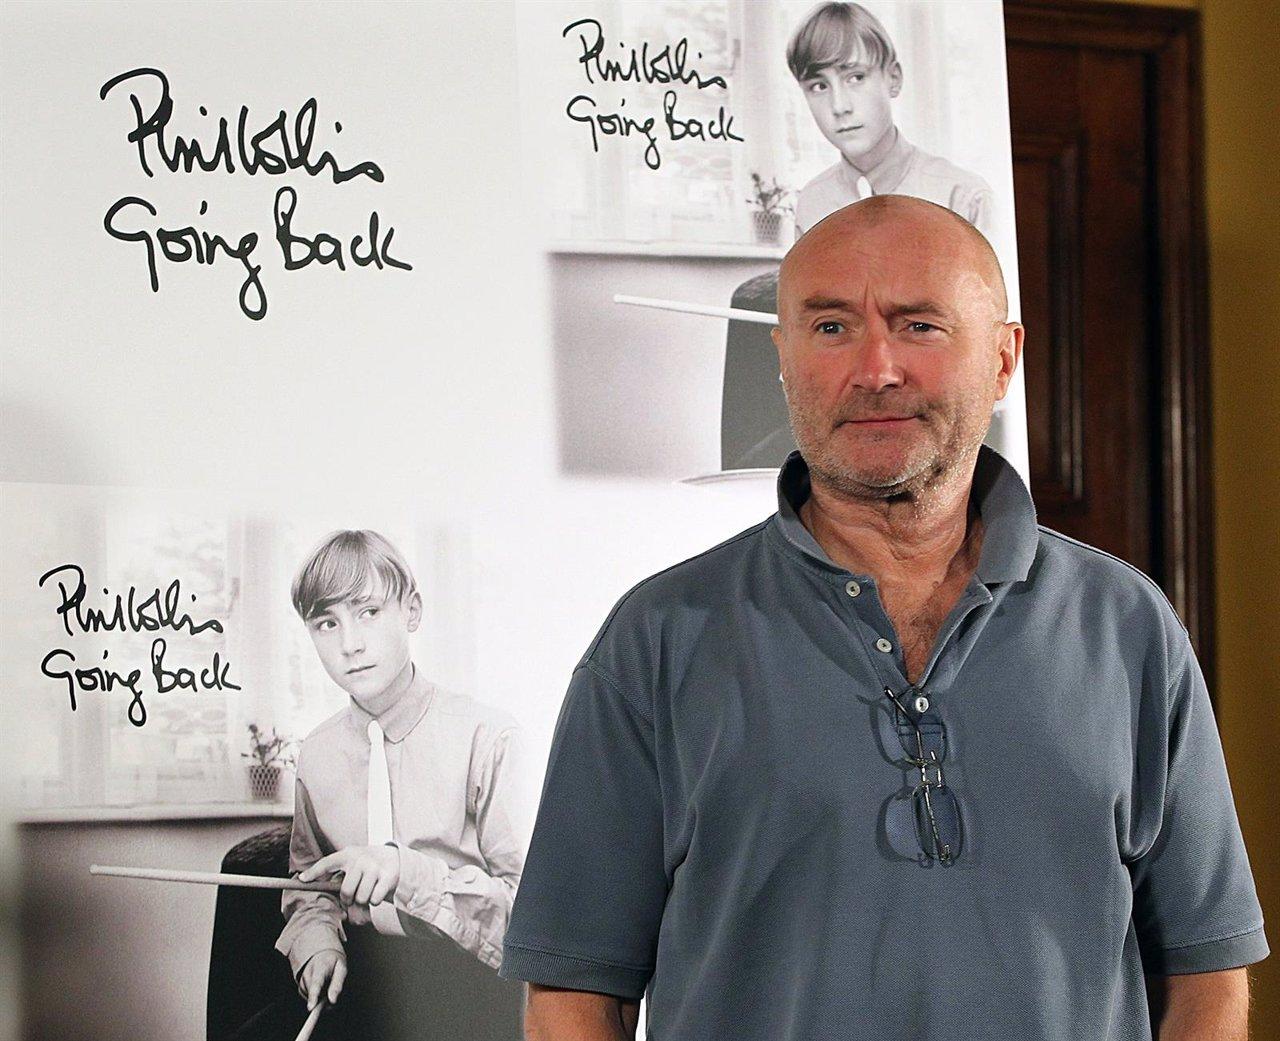 El músico Phil Collins